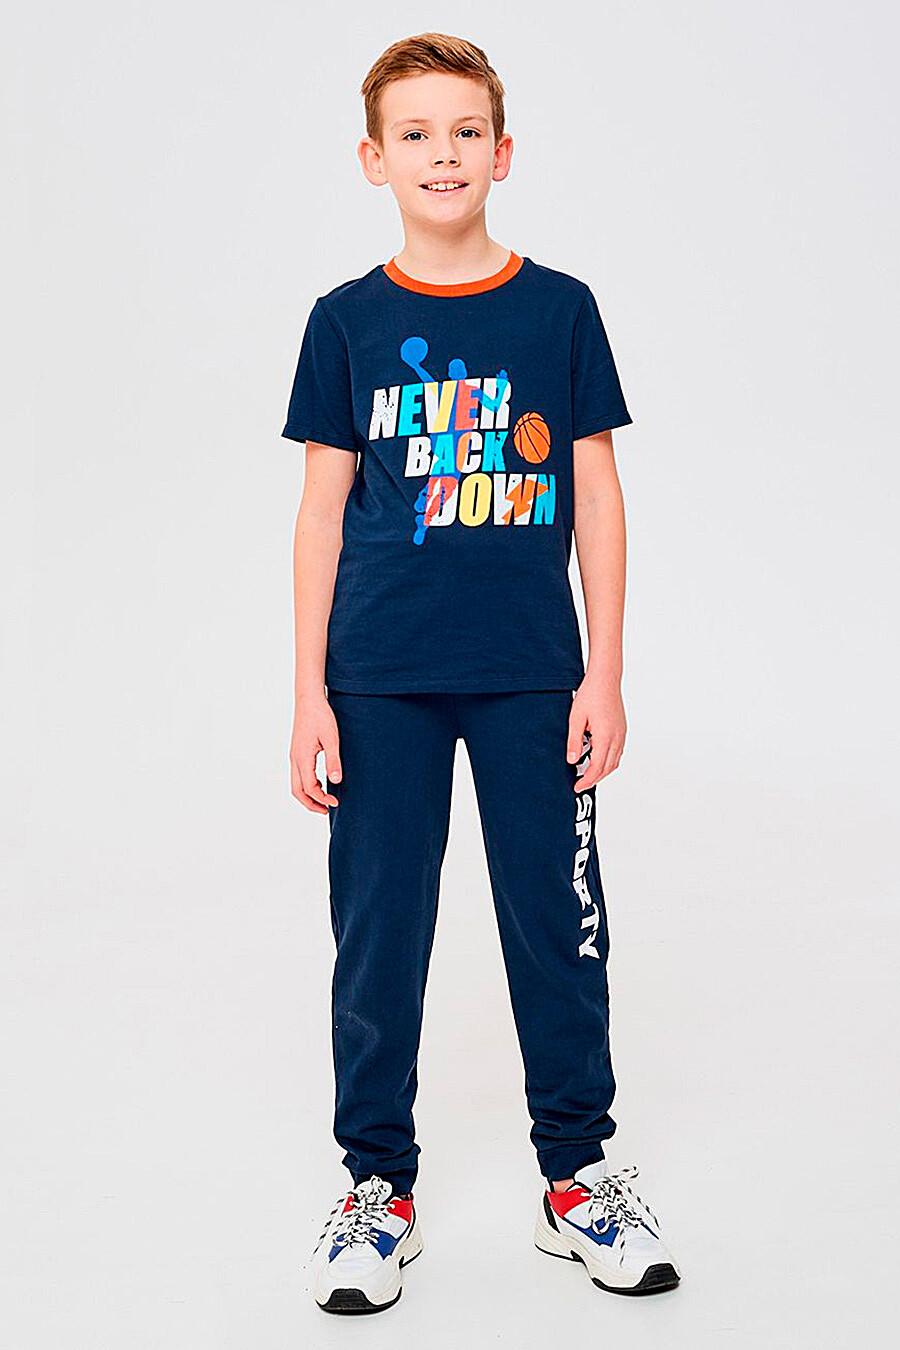 Футболка для мальчиков IN FUNT 289560 купить оптом от производителя. Совместная покупка детской одежды в OptMoyo